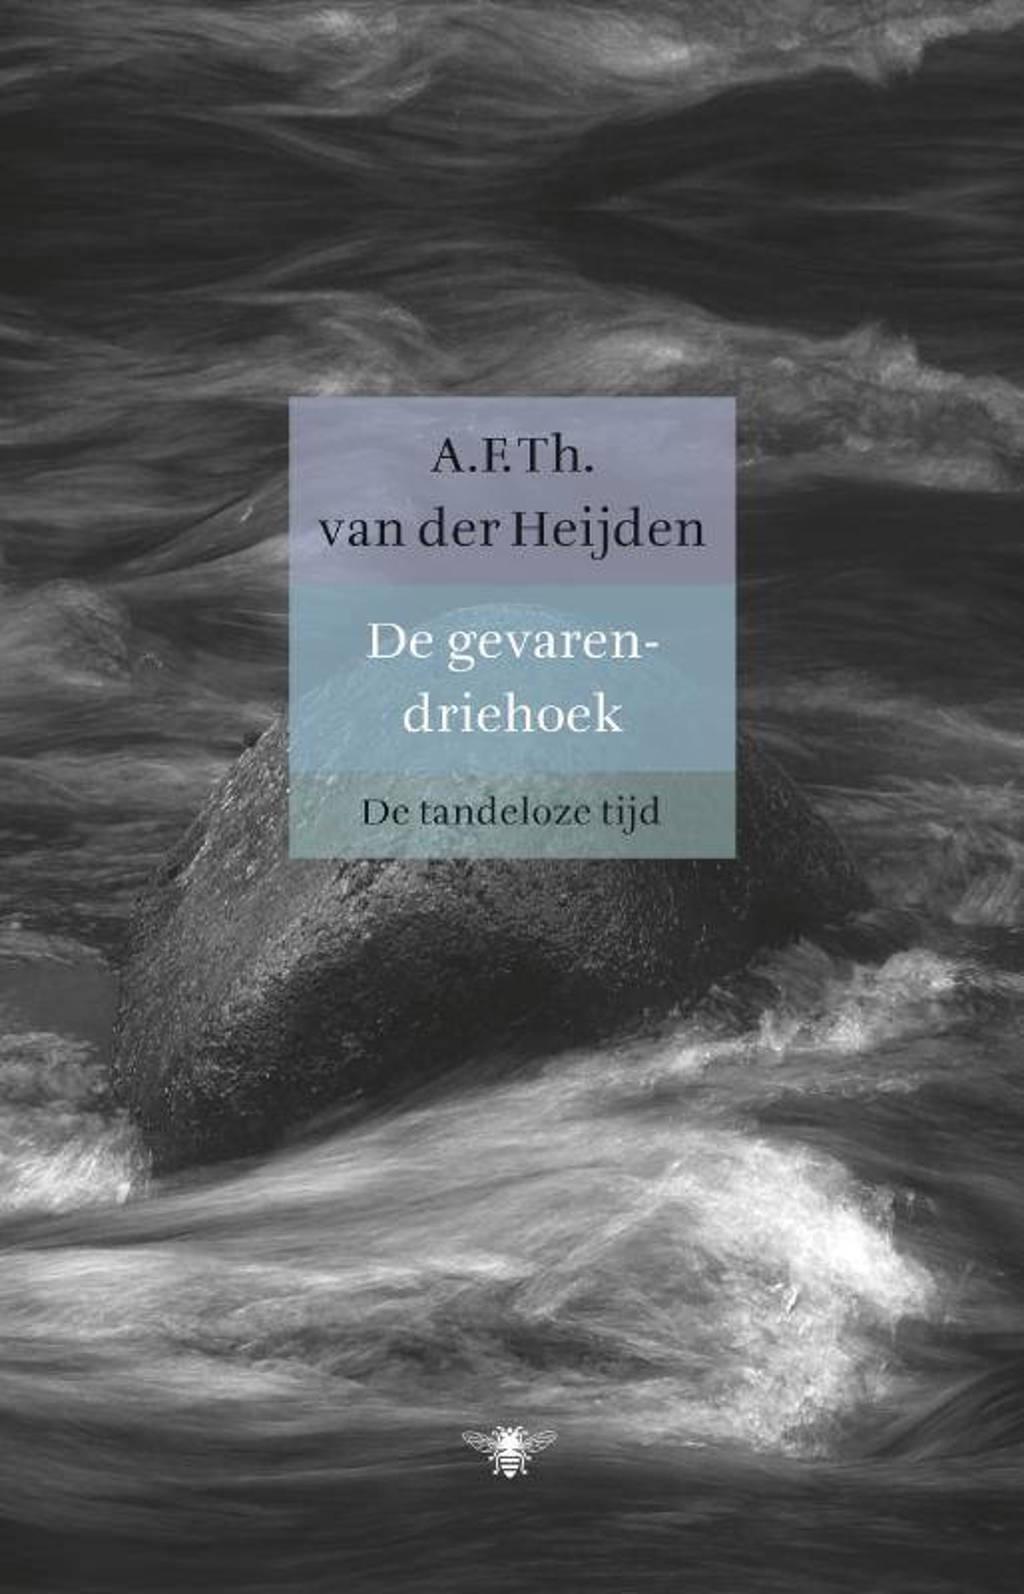 De tandeloze tijd: De gevarendriehoek - A.F.Th. van der Heijden